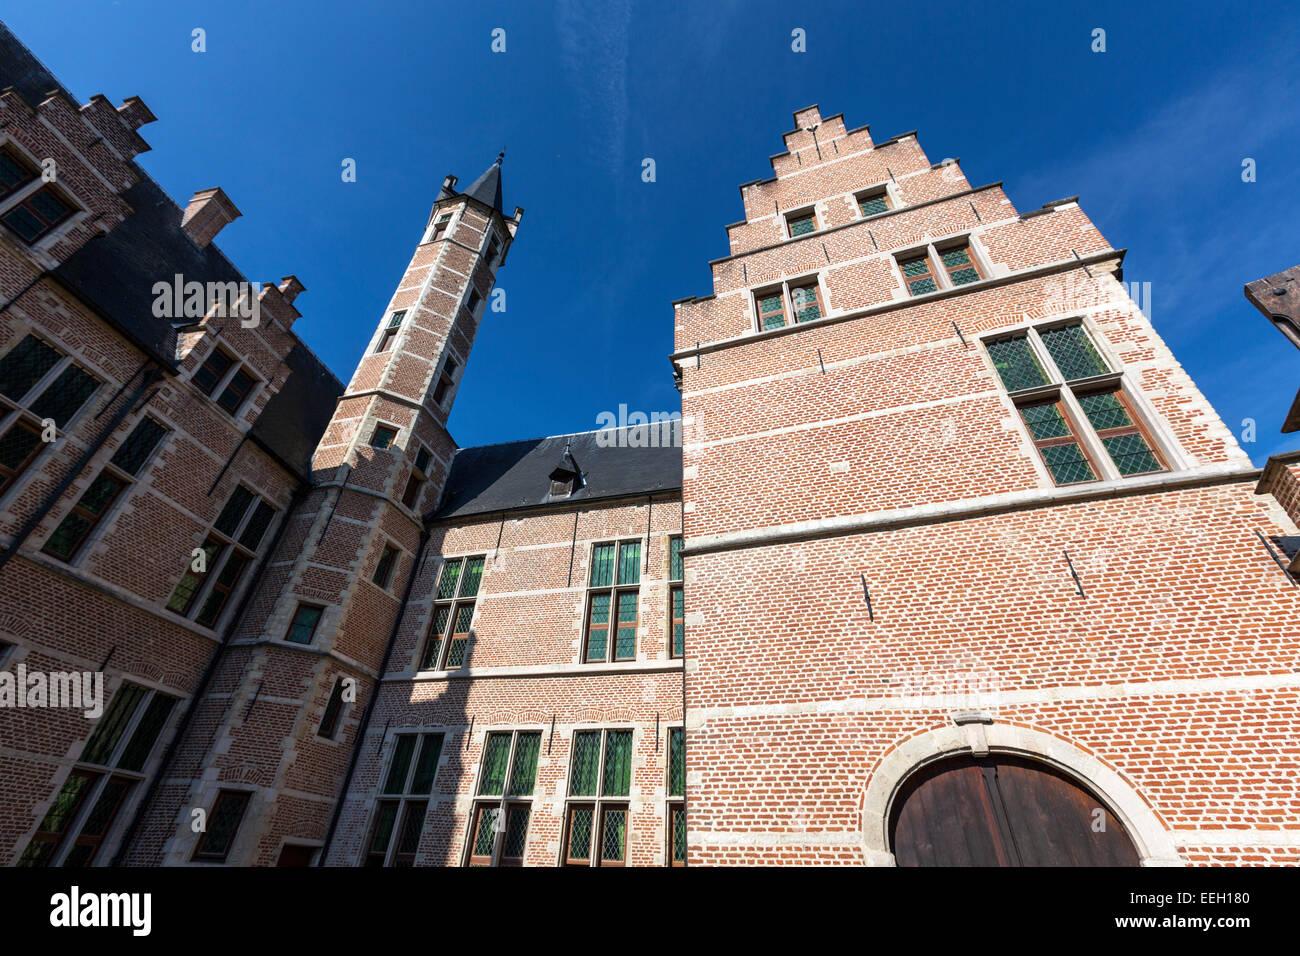 Koninklijke Manufactuur van Wandtapijten De Wit, Mechelen Stock Photo